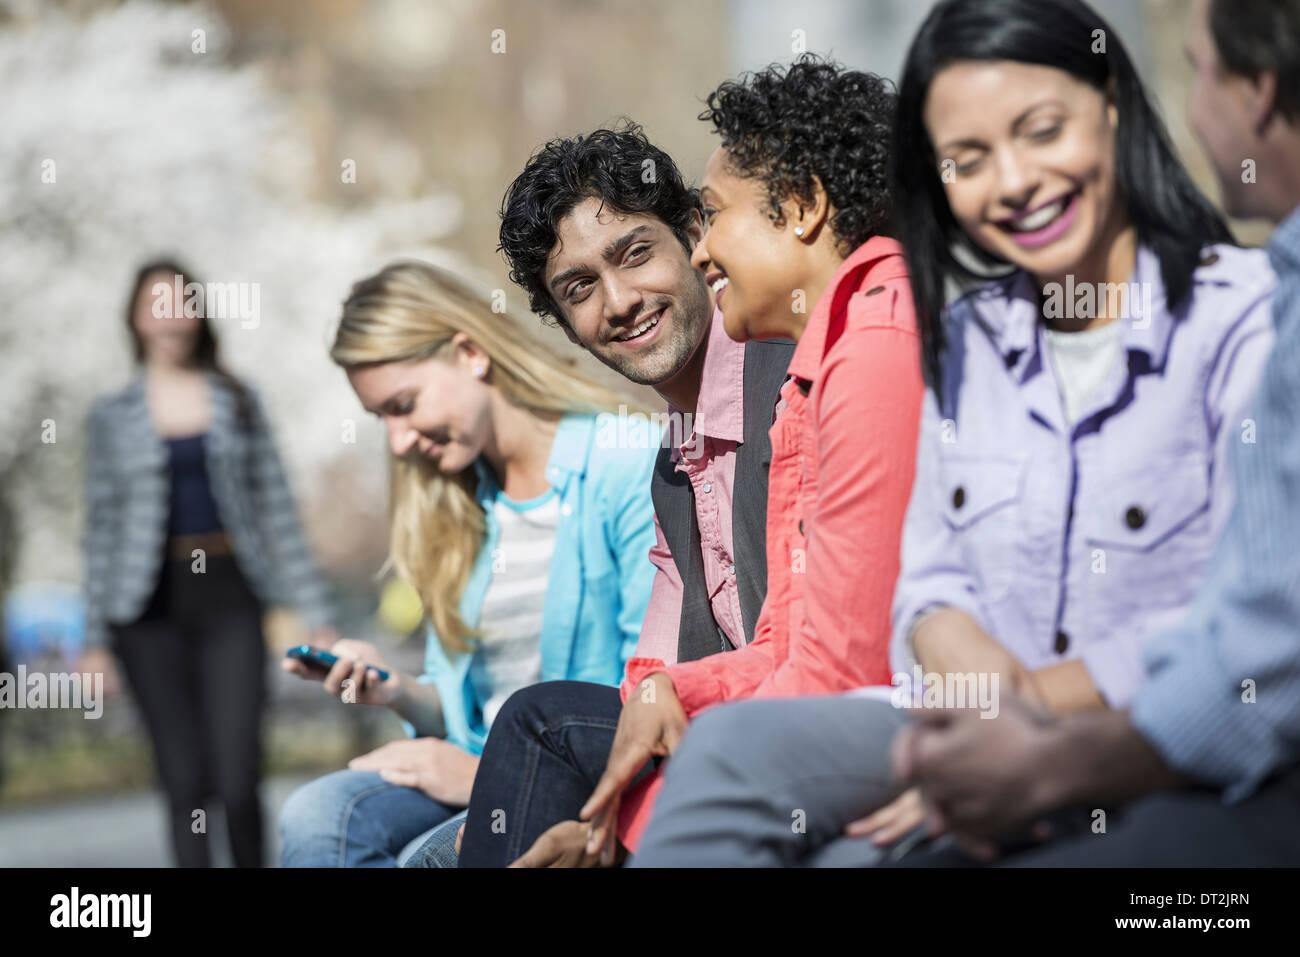 Cinq personnes sont assises en ligne dans le parc Photo Stock